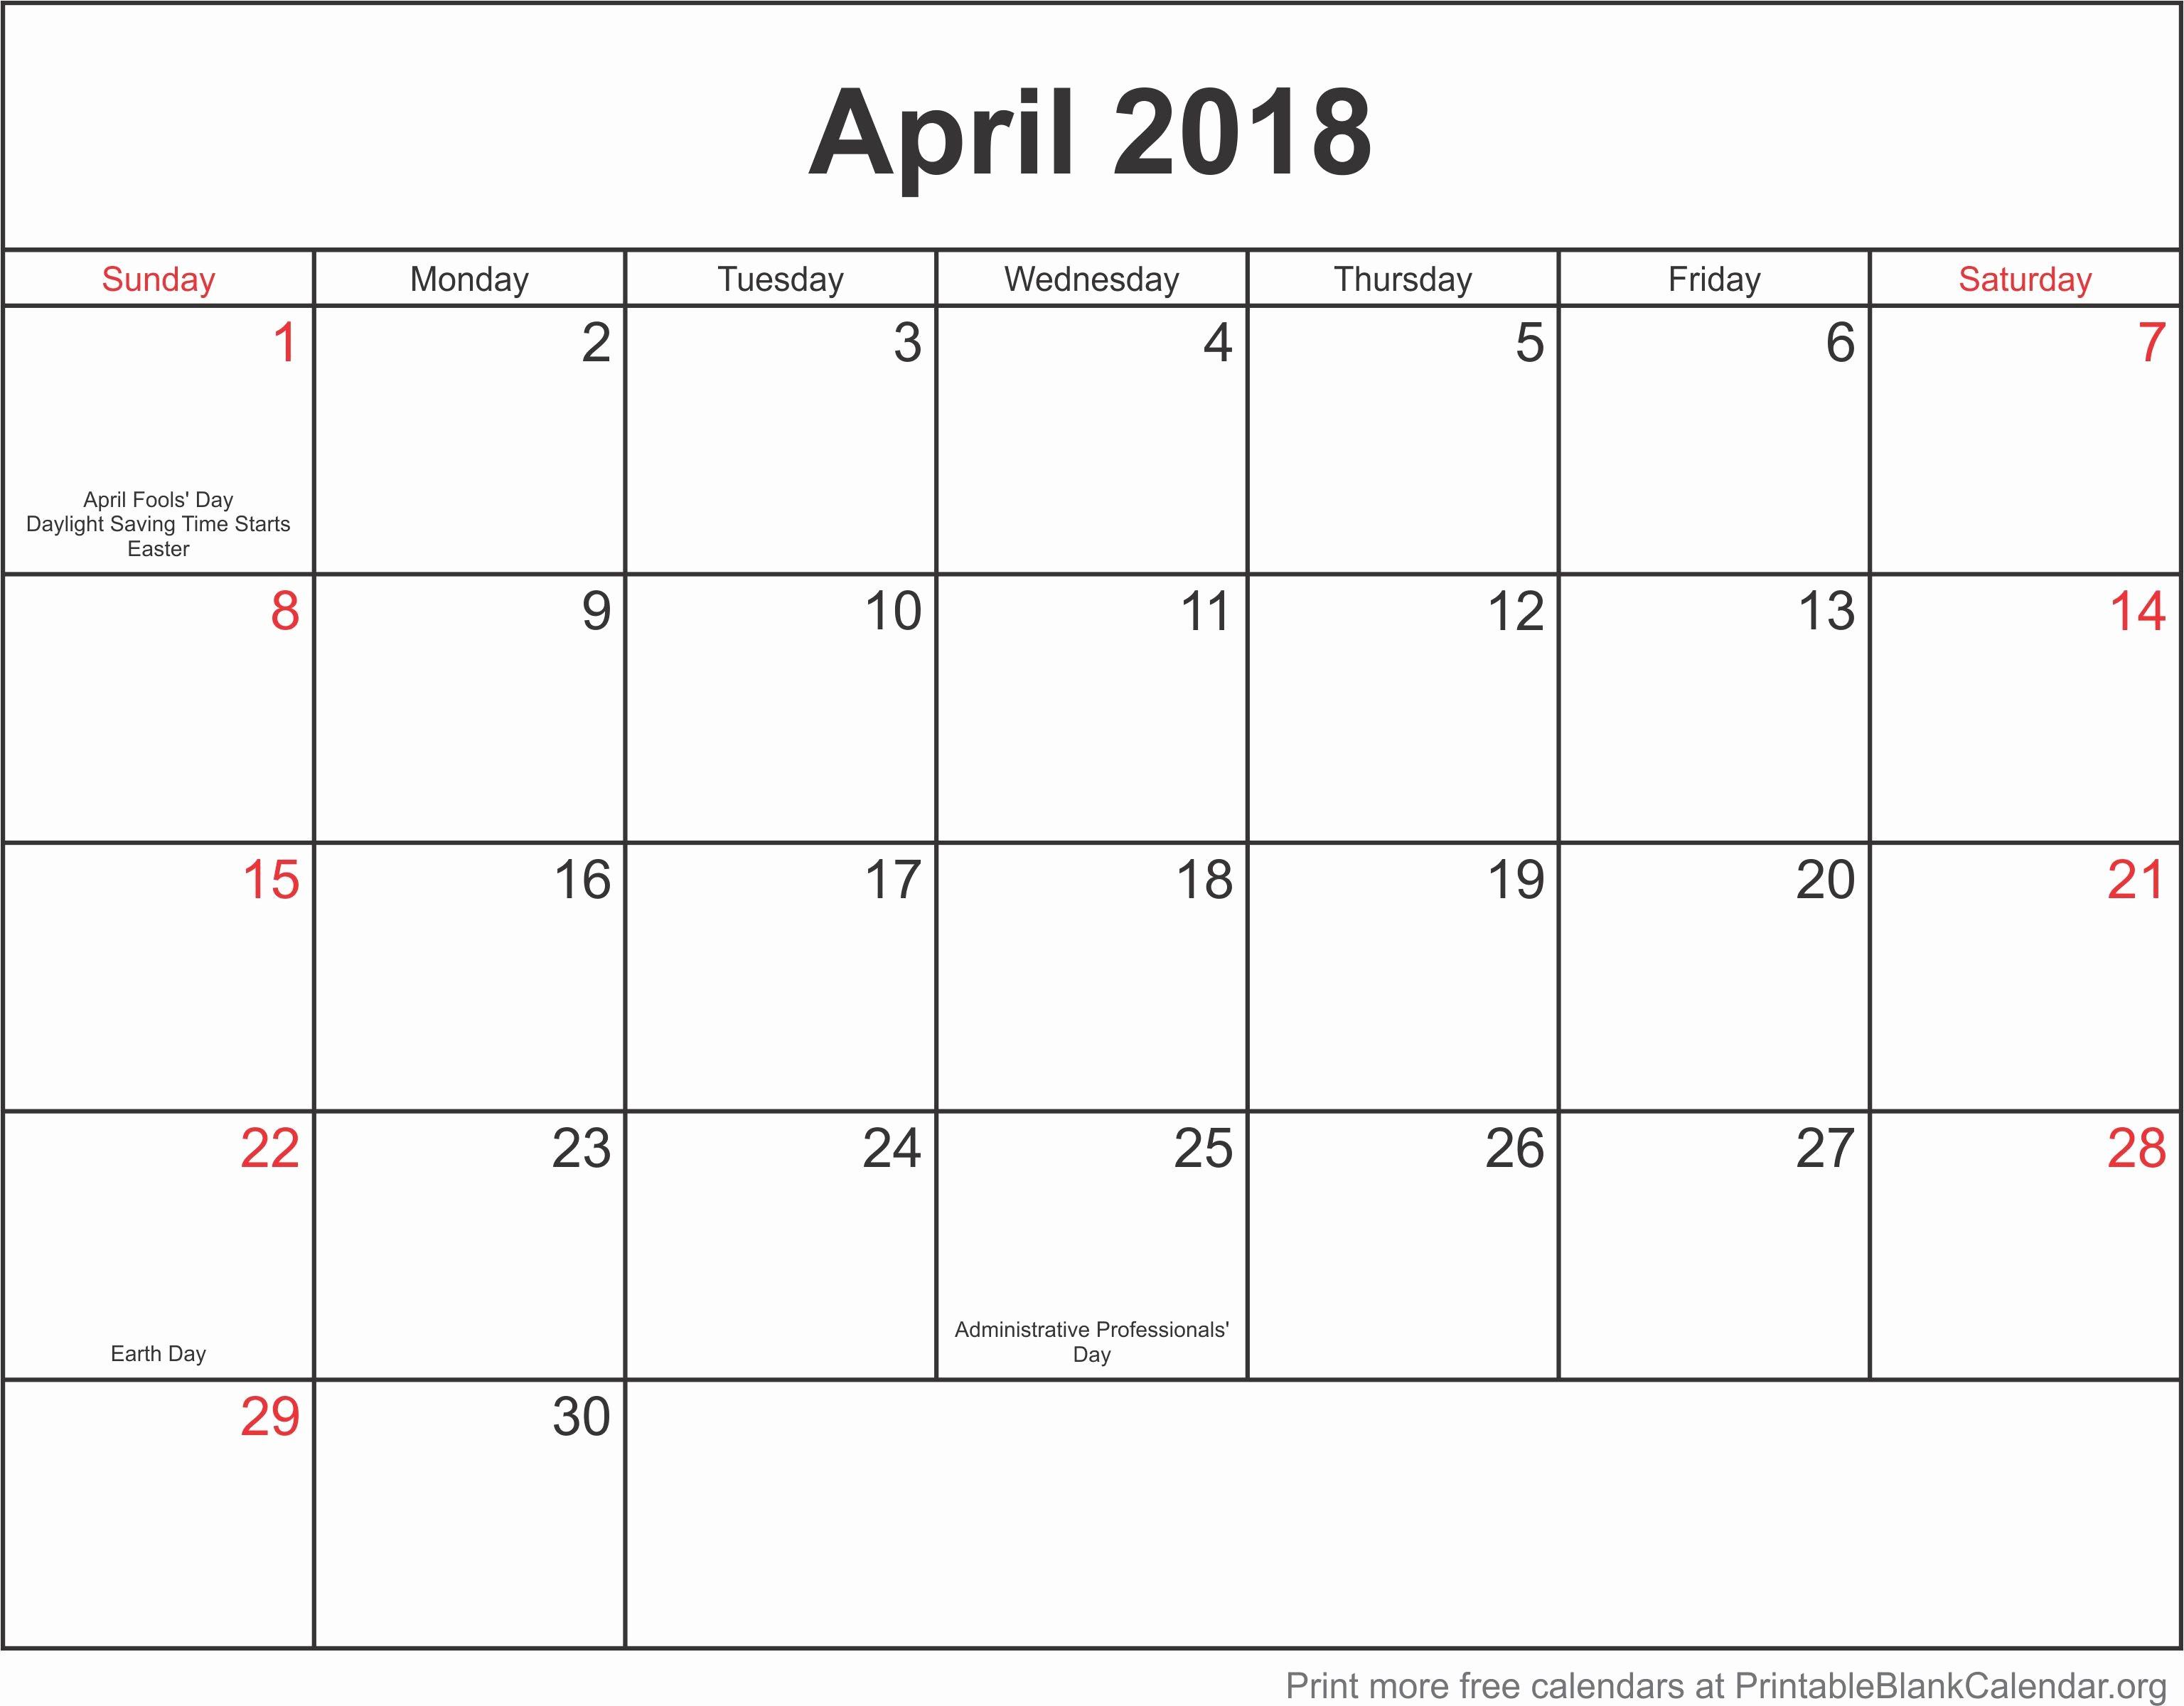 Blank April 2018 Calendar Template Inspirational Calendar Template April 2018 Printable Blank Calendar